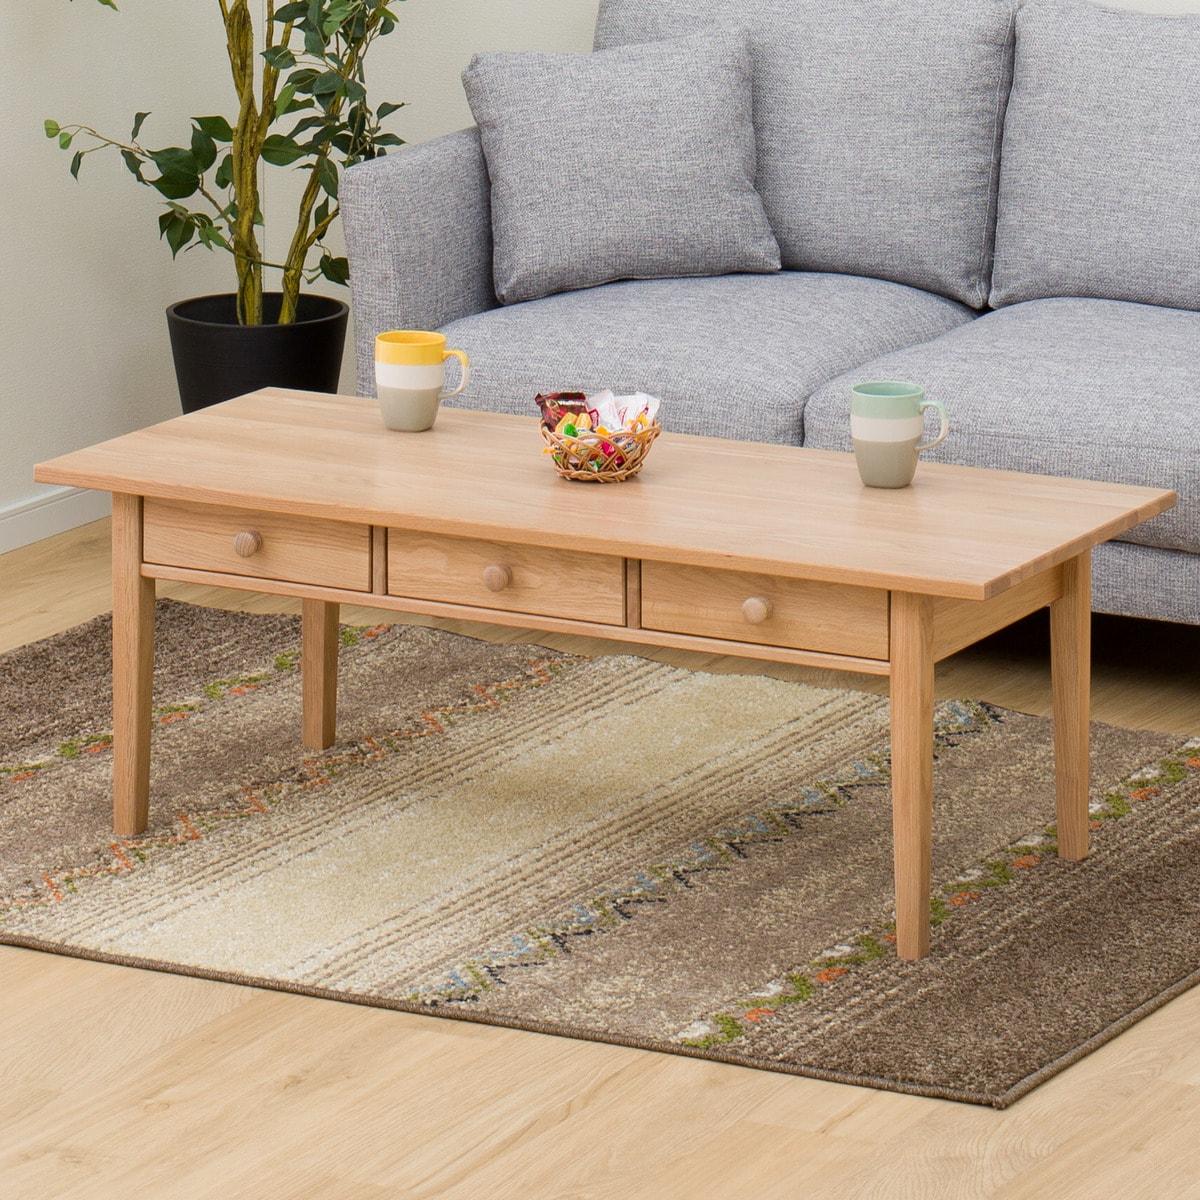 ホワイトオーク材の北欧風センターテーブル(オーランド120)